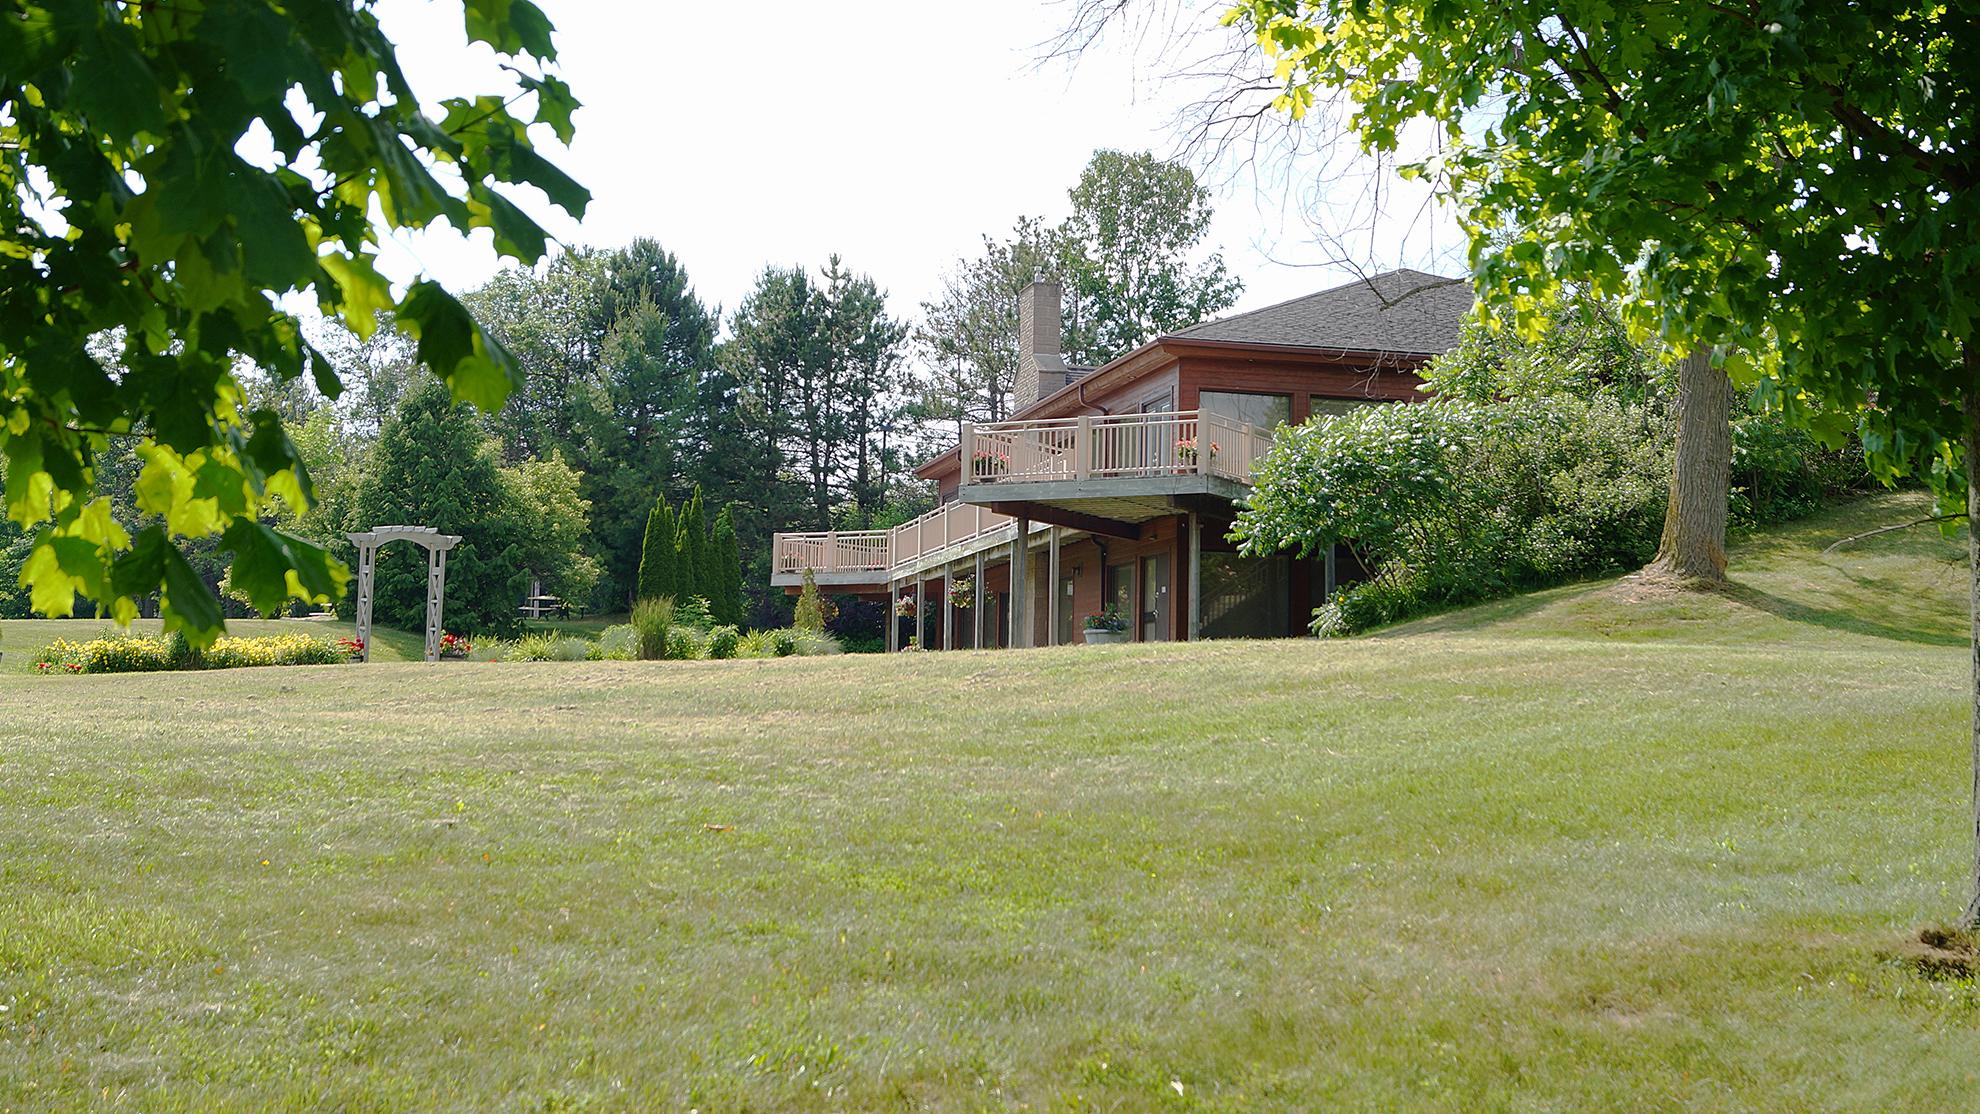 Monora Park Pavilion